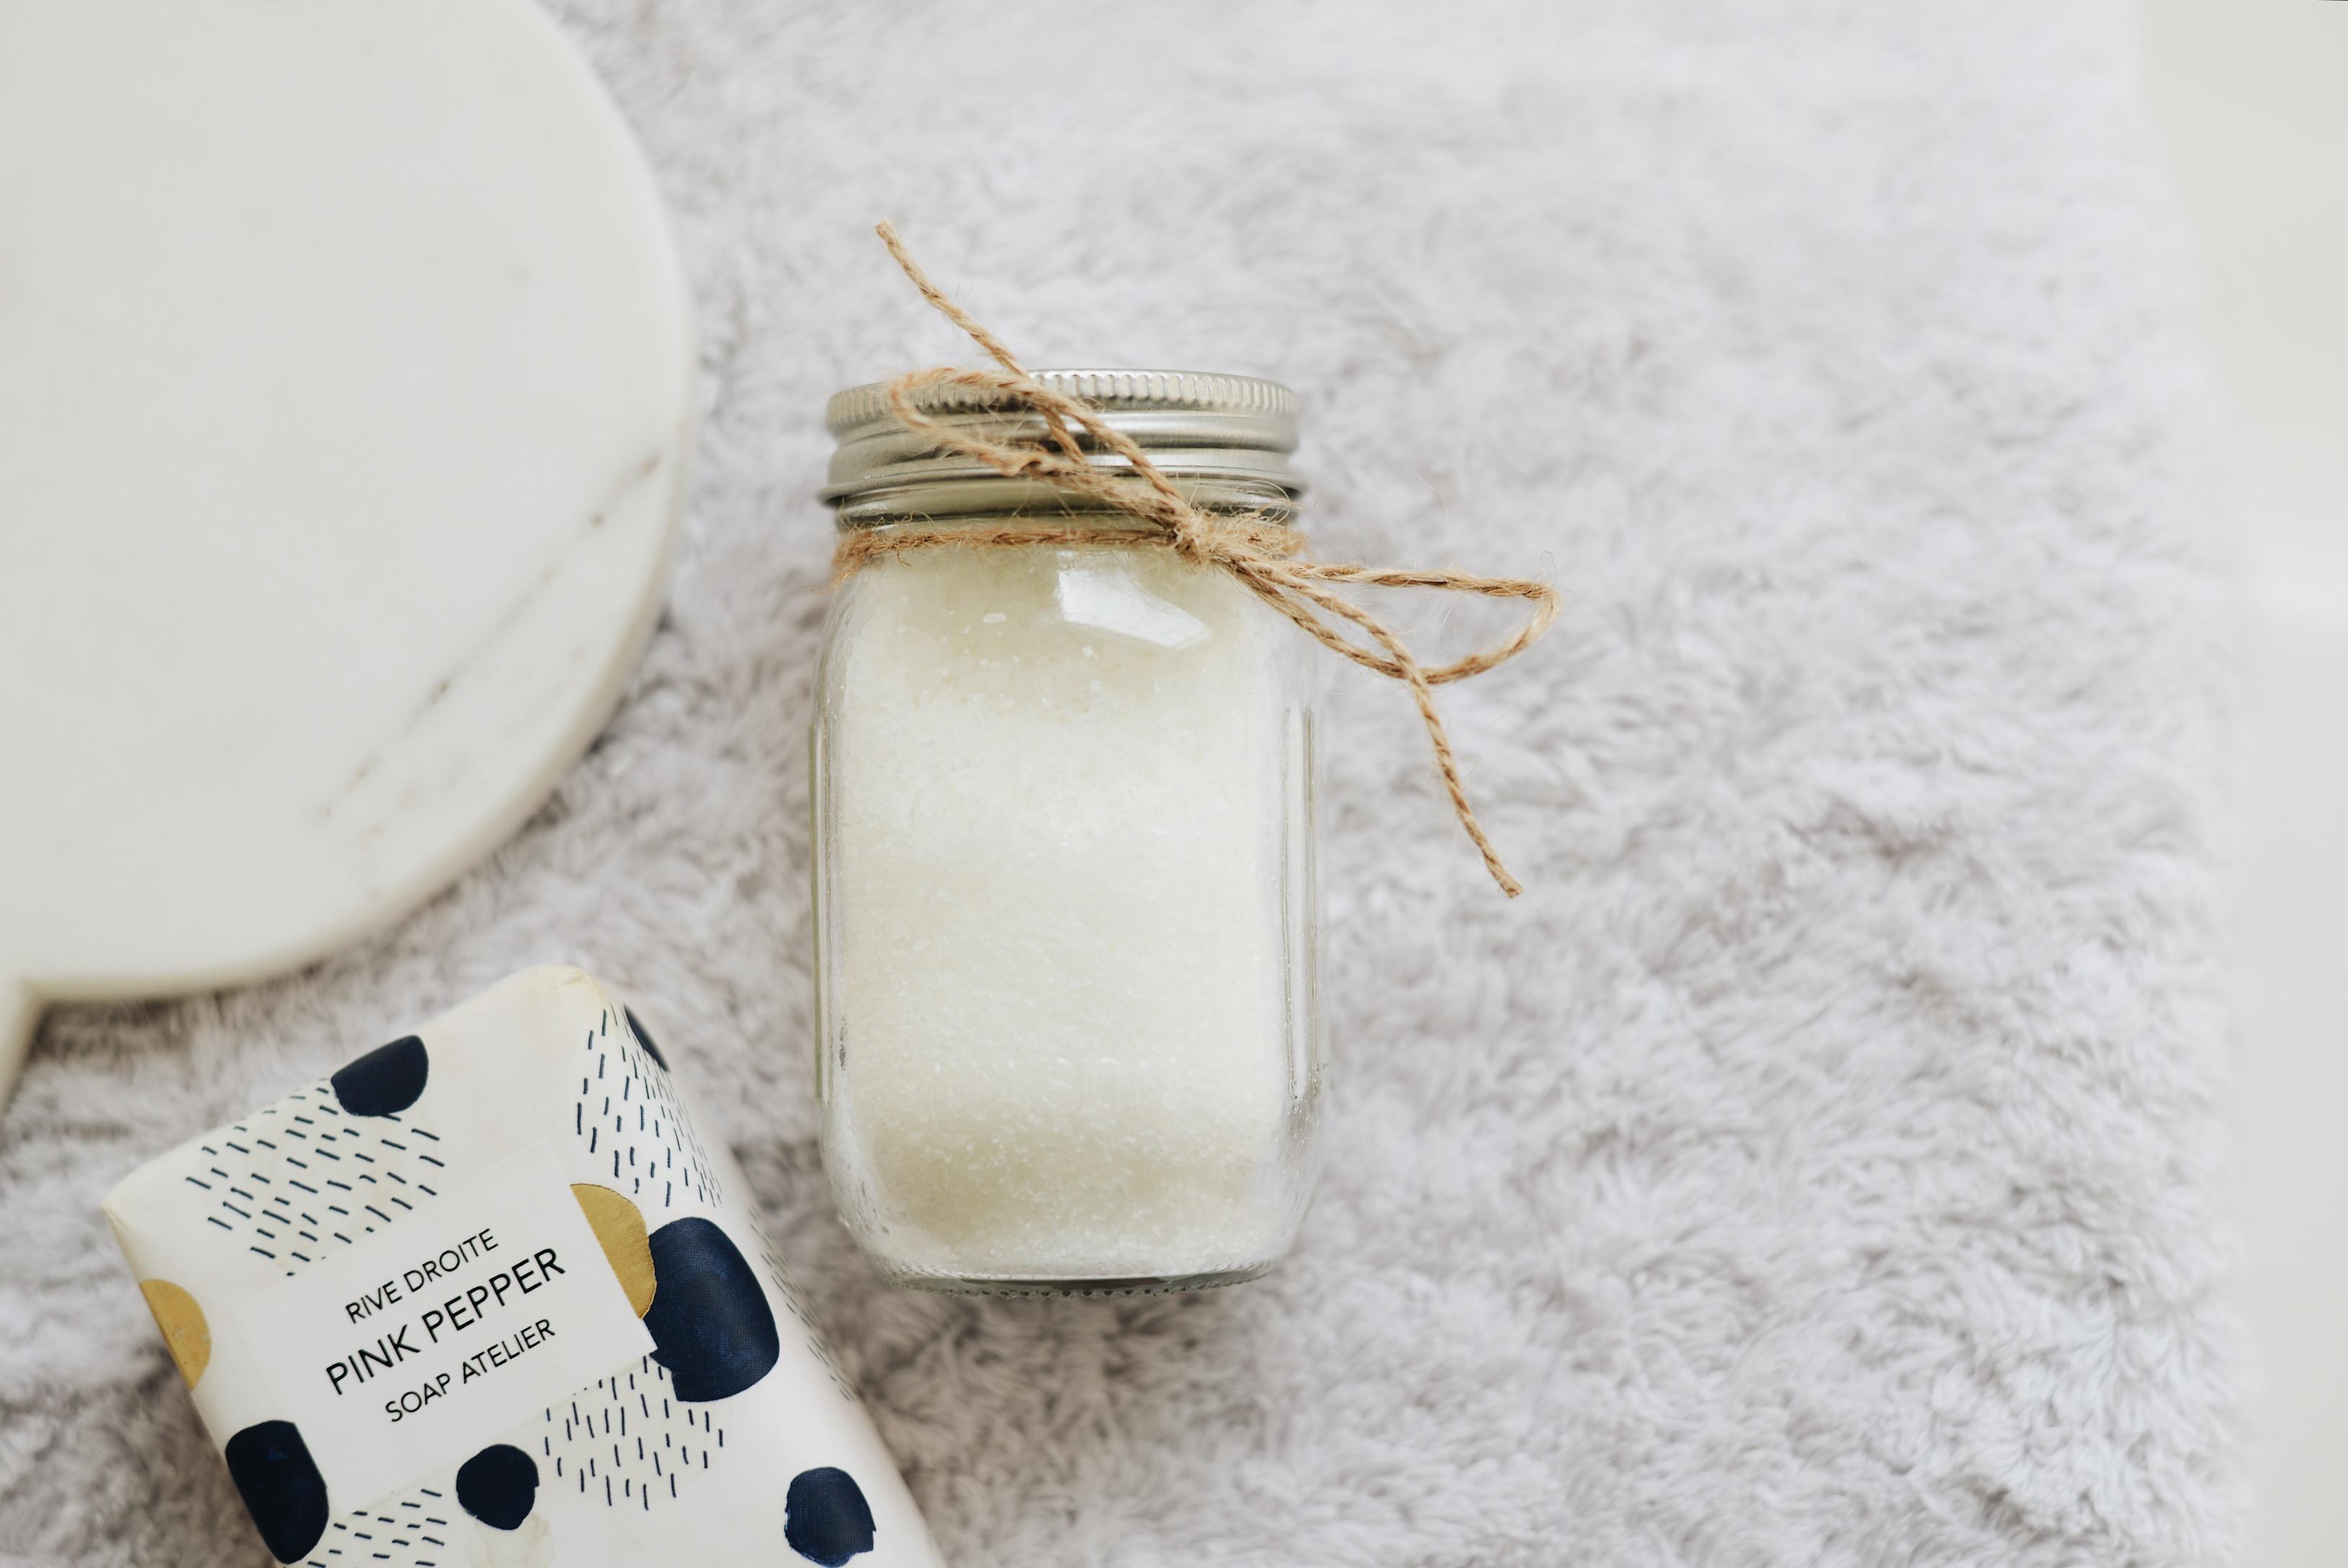 DIY essential oil bath salts